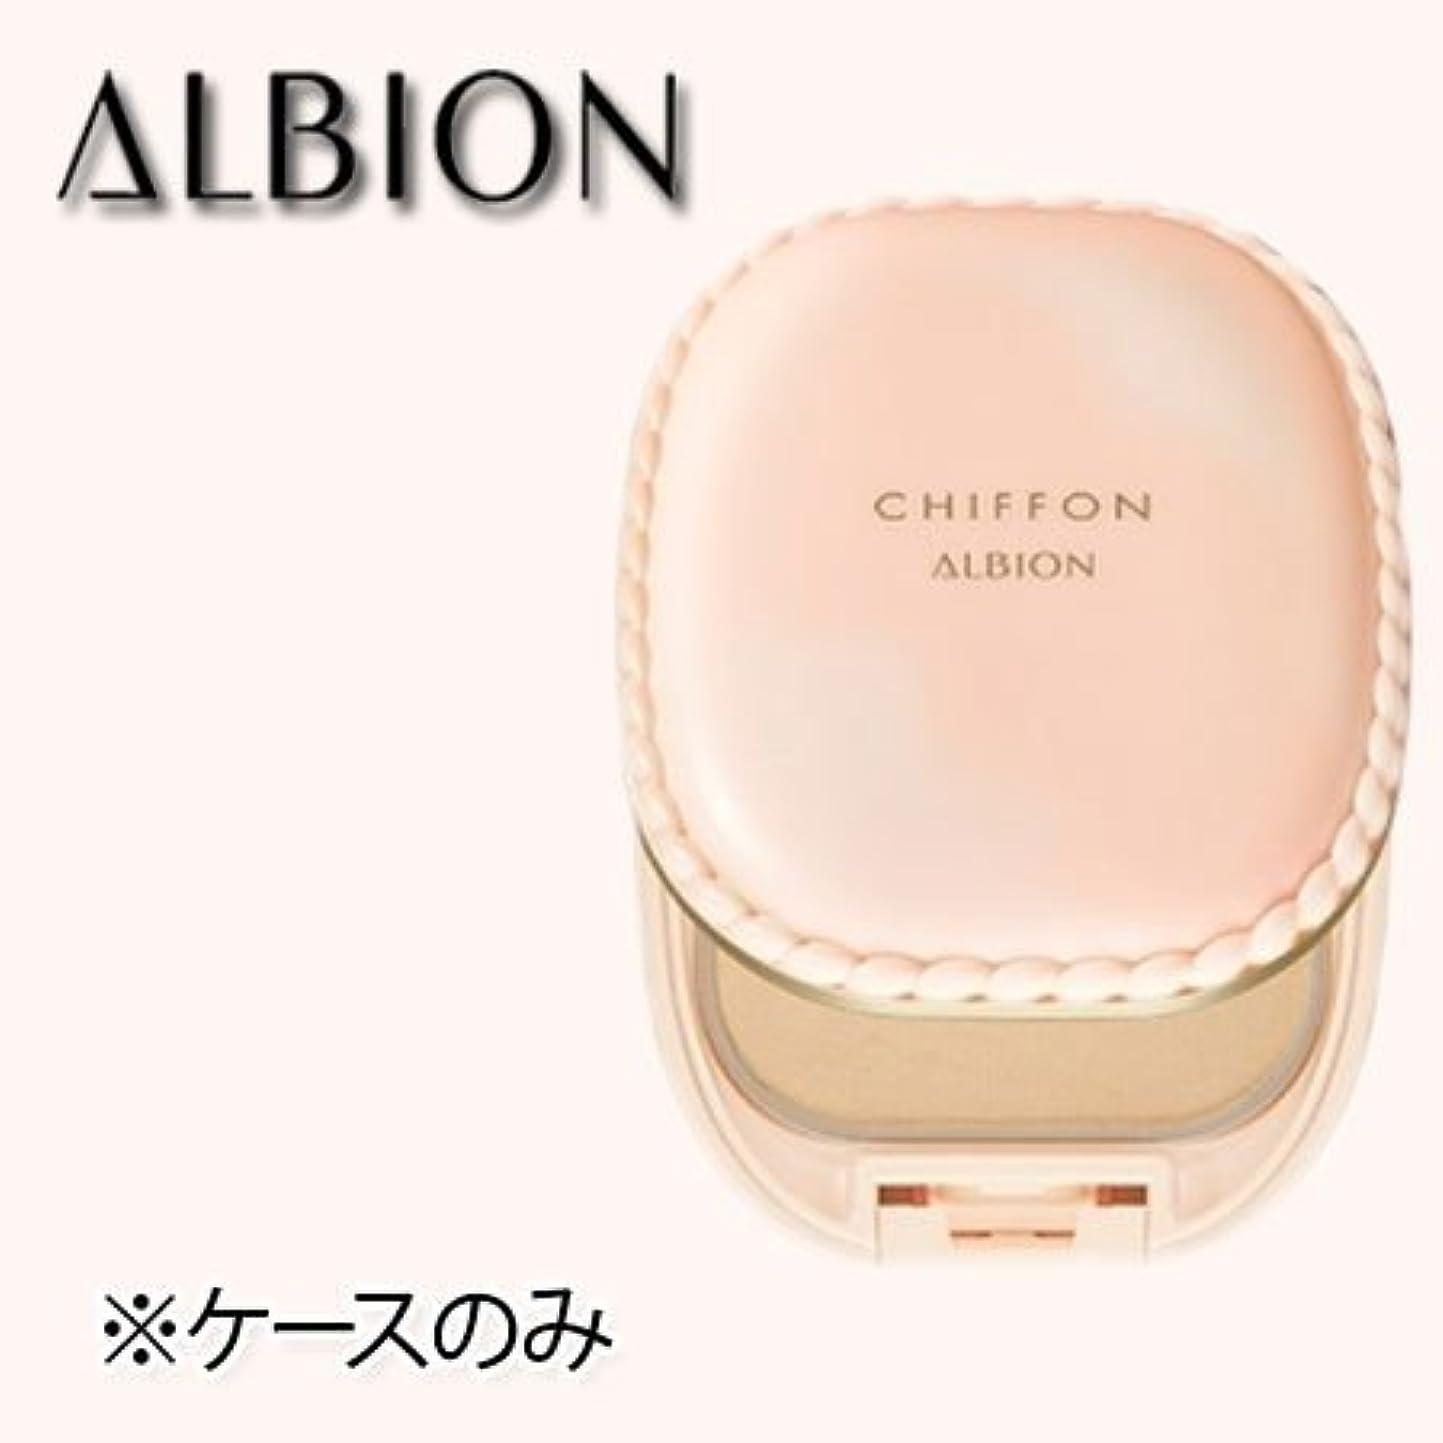 耐えられる契約したご飯アルビオン スウィート モイスチュア シフォンケース (マット付ケース) -ALBION-